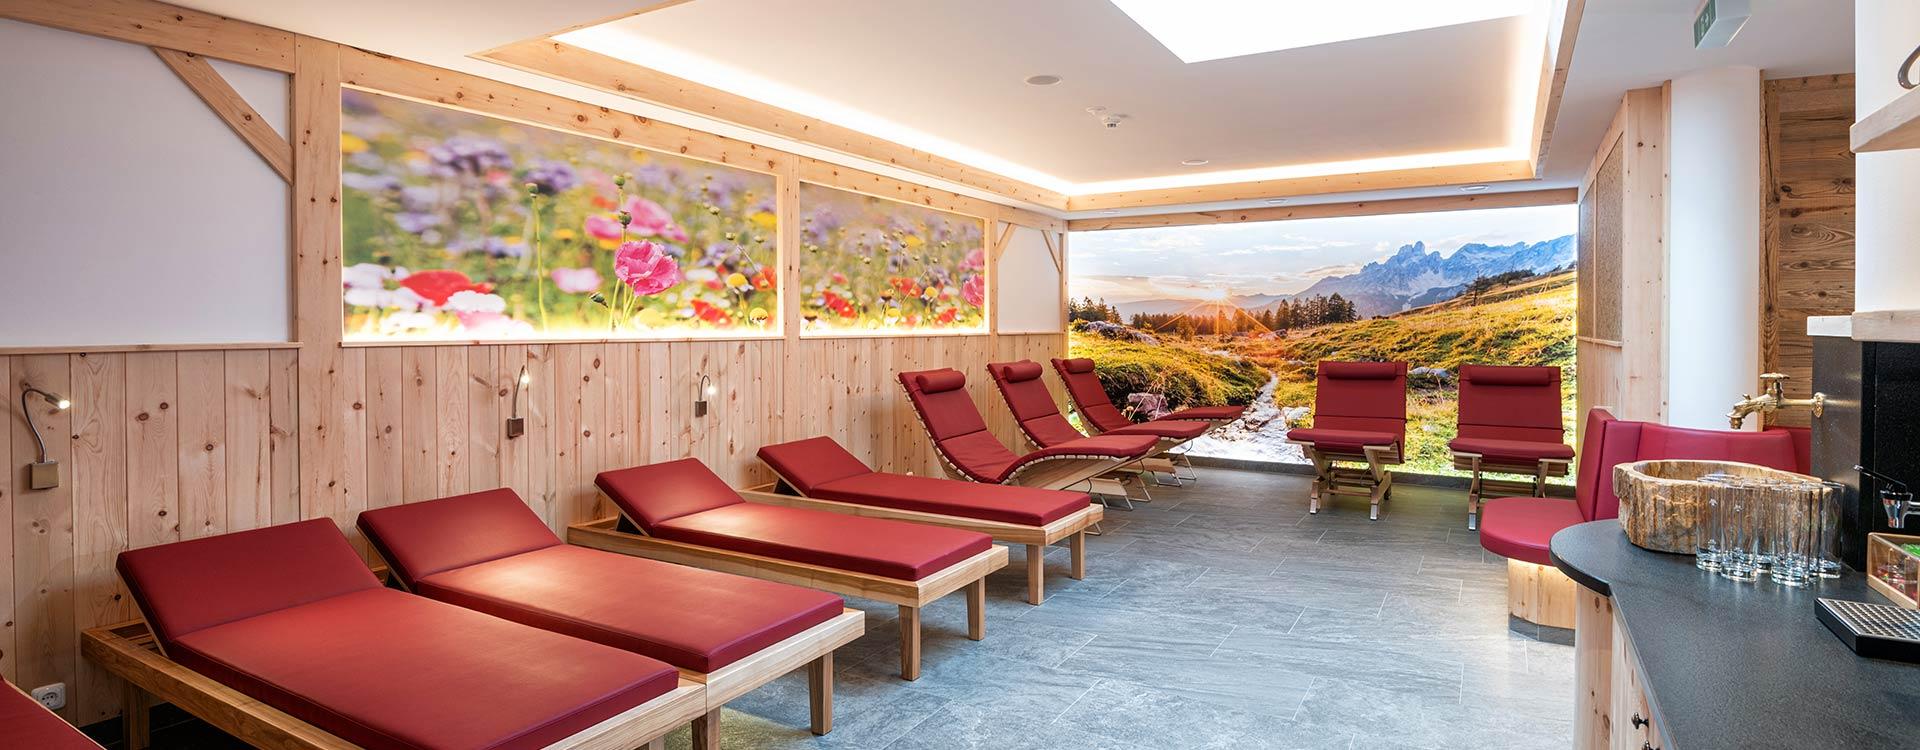 wellness-grossarl-hotel-alpenklang-2